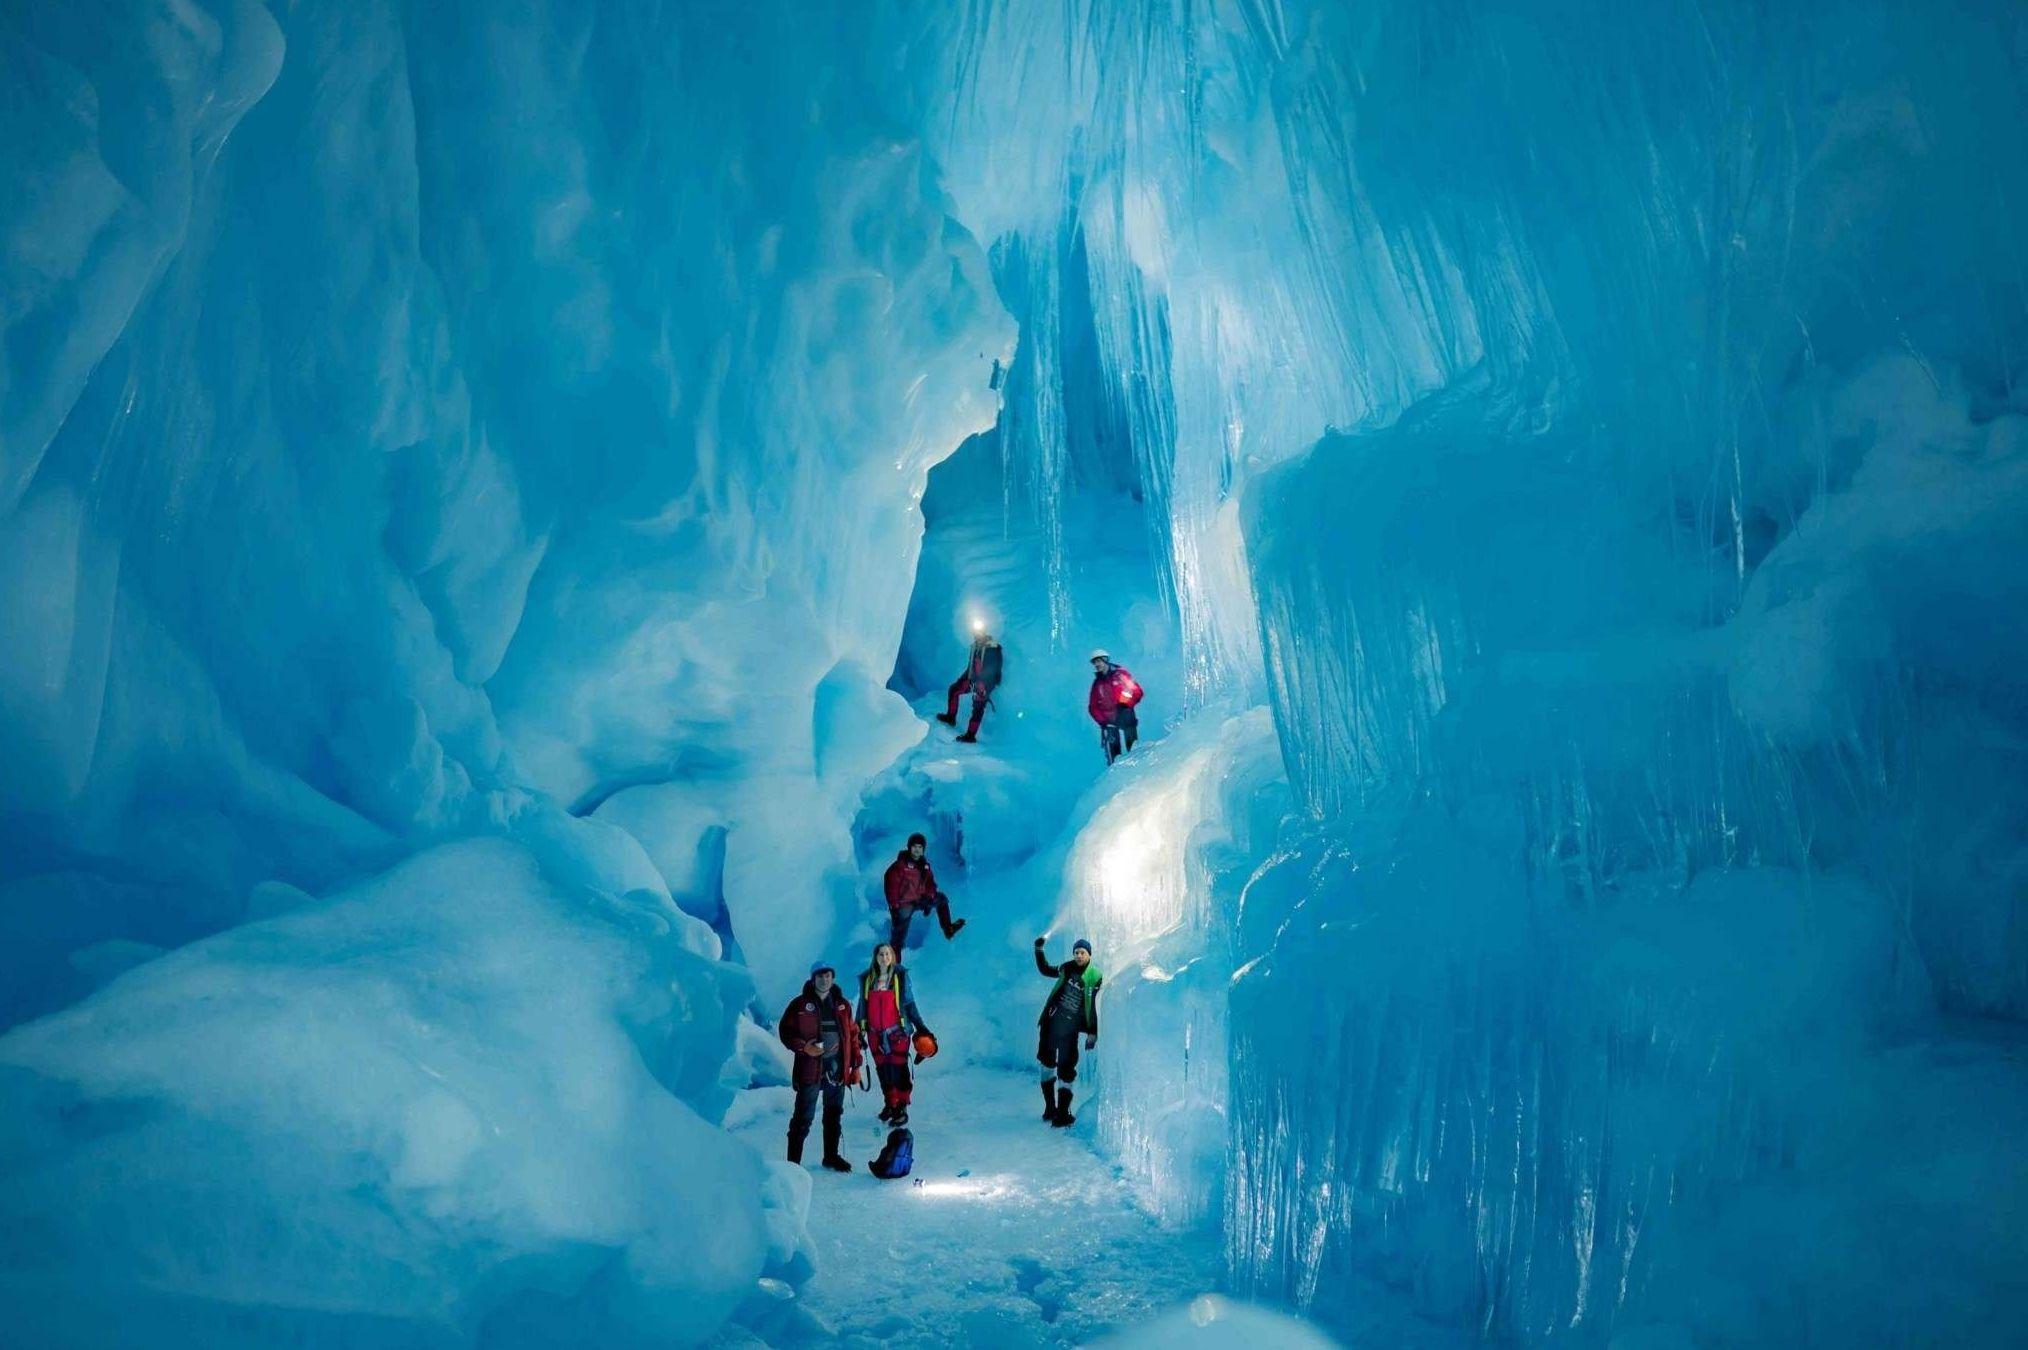 Formação geológica descoberta por exploradores da Expedição Antártida da Ucrânia (UAE) na Ilha Galindez, Antártida